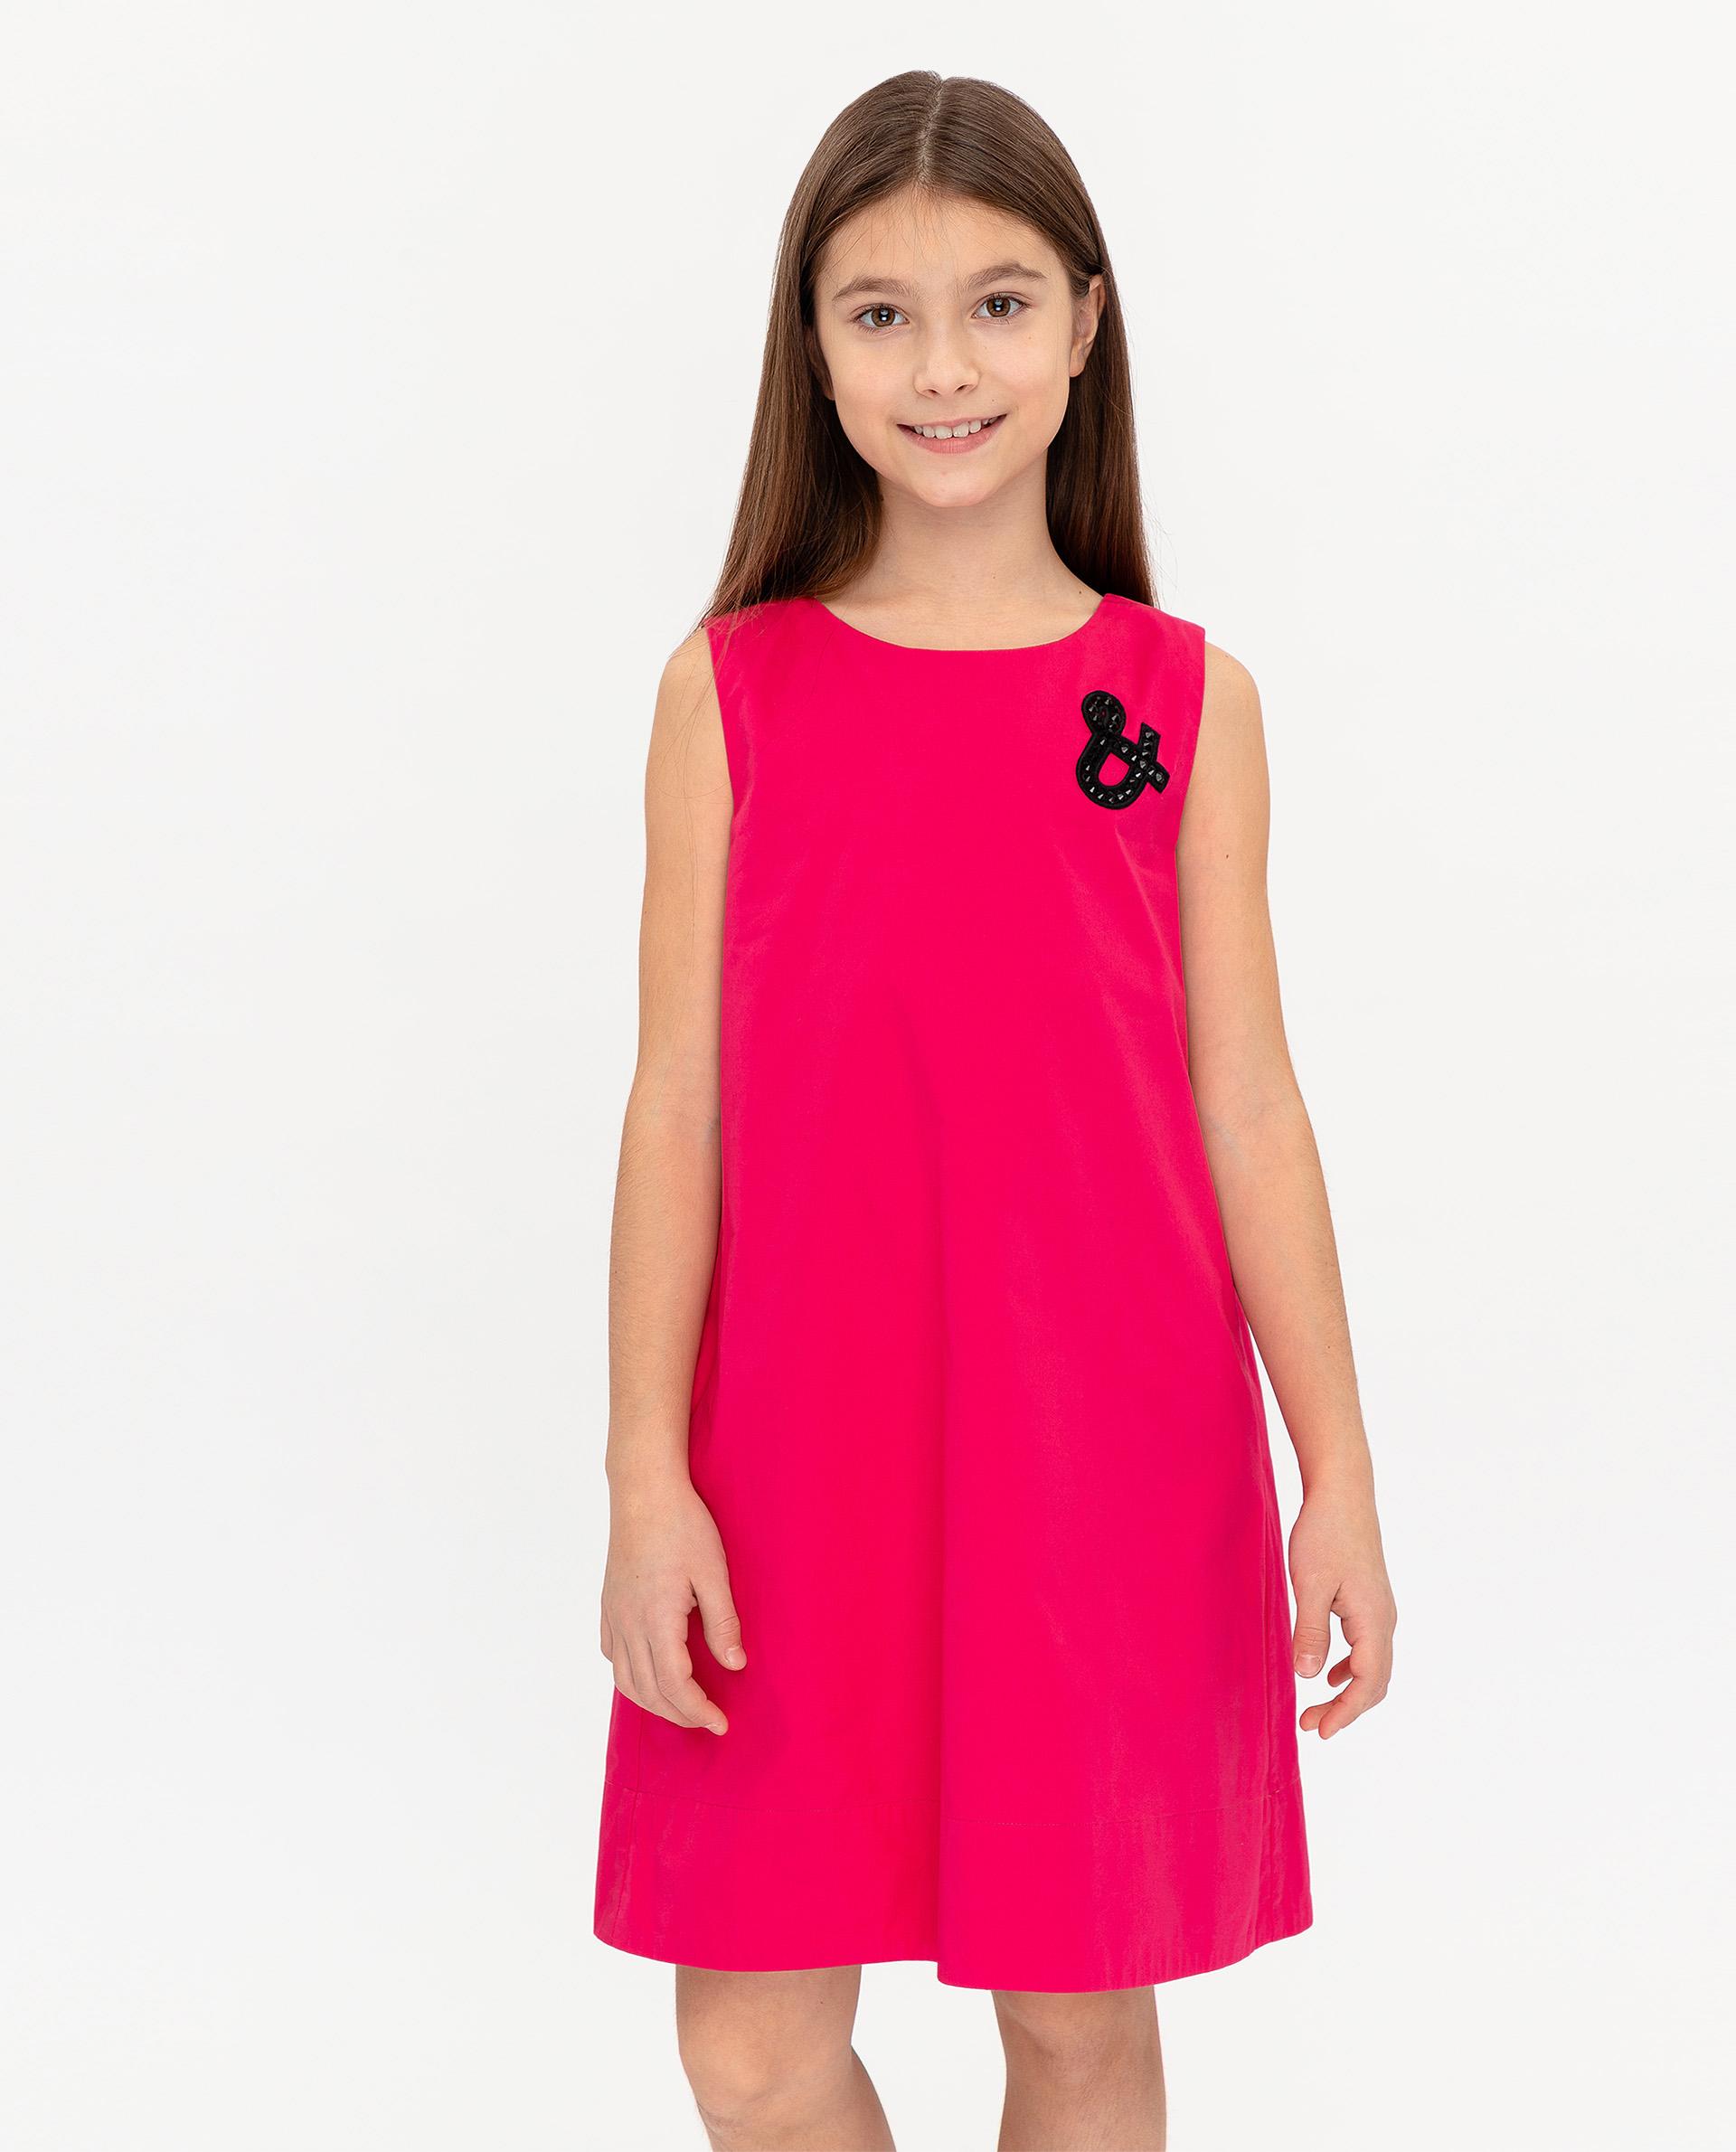 Купить 12007GJC2501, Розовое платье Gulliver, розовый, 146, Женский, ВЕСНА/ЛЕТО 2020 (shop: GulliverMarket Gulliver Market)